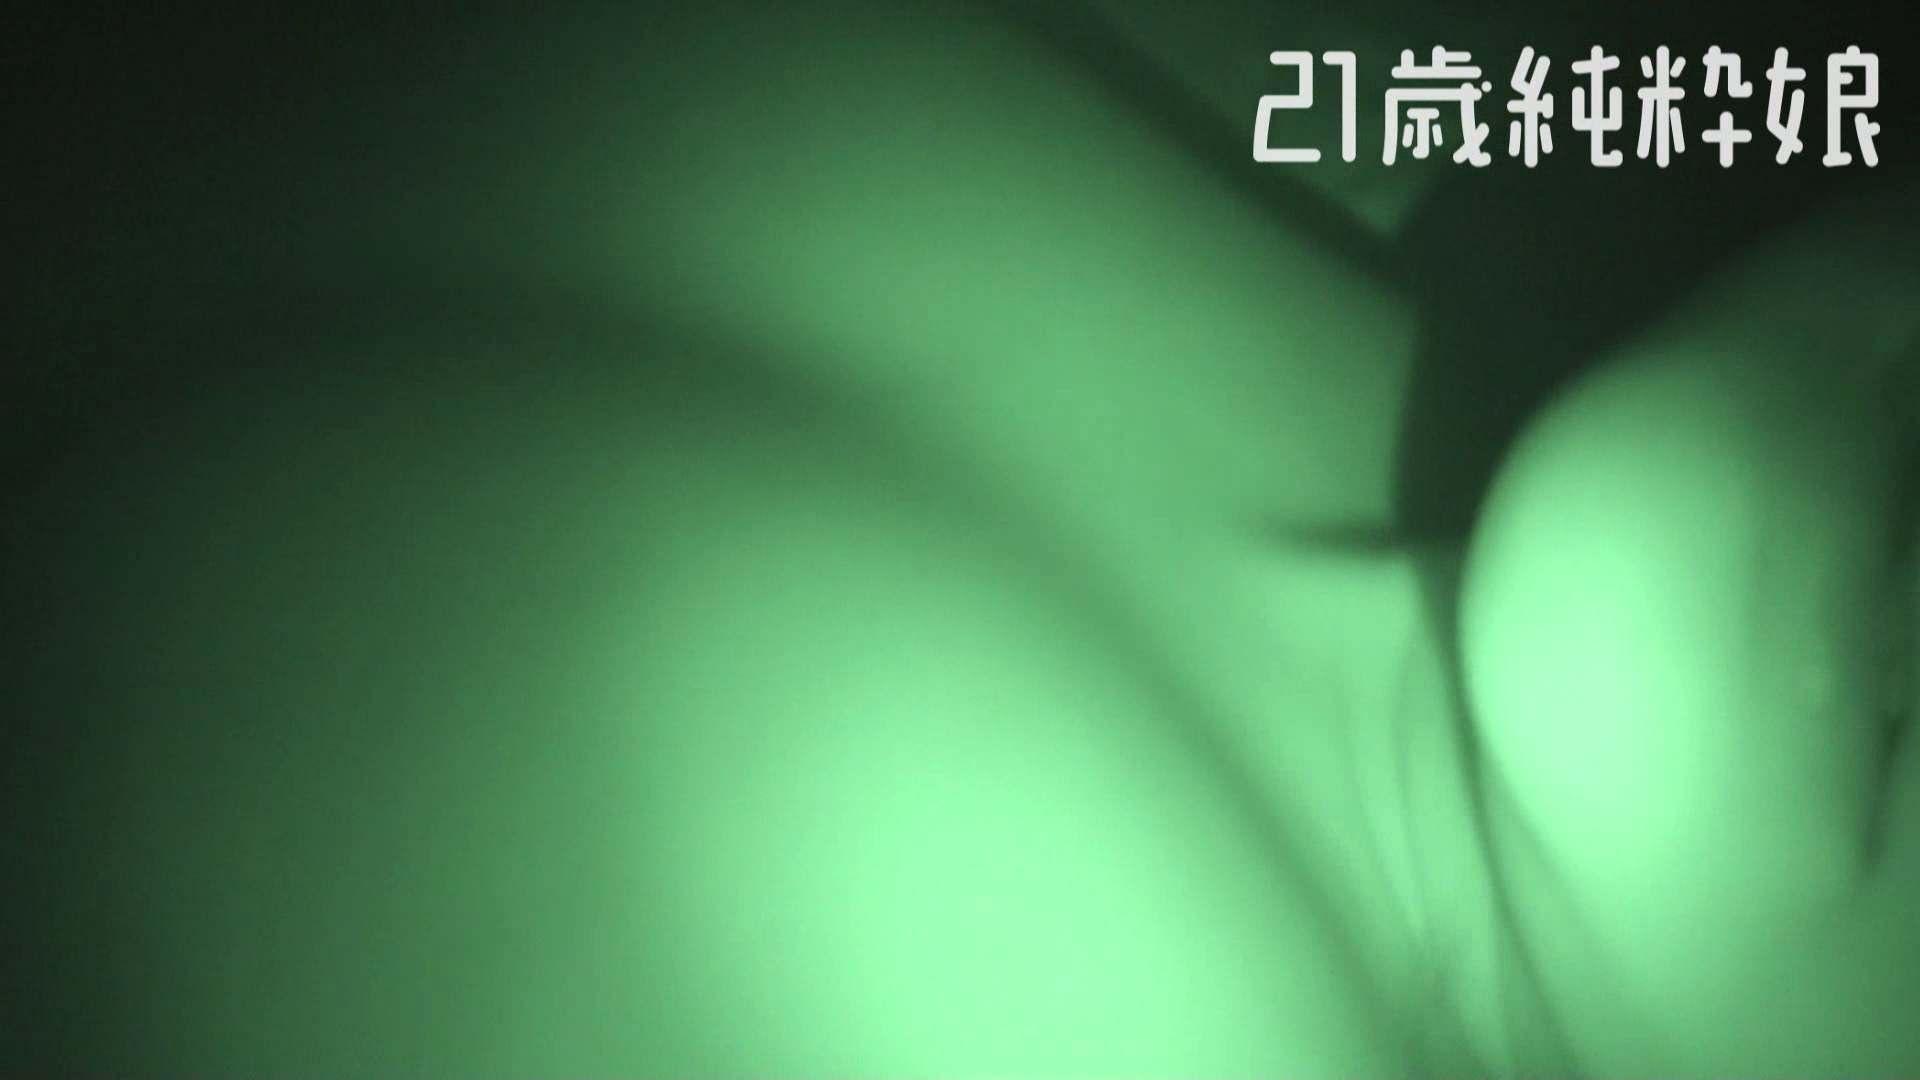 上京したばかりのGカップ21歳純粋嬢を都合の良い女にしてみた3 一般投稿 | オナニー覗き見  102pic 101